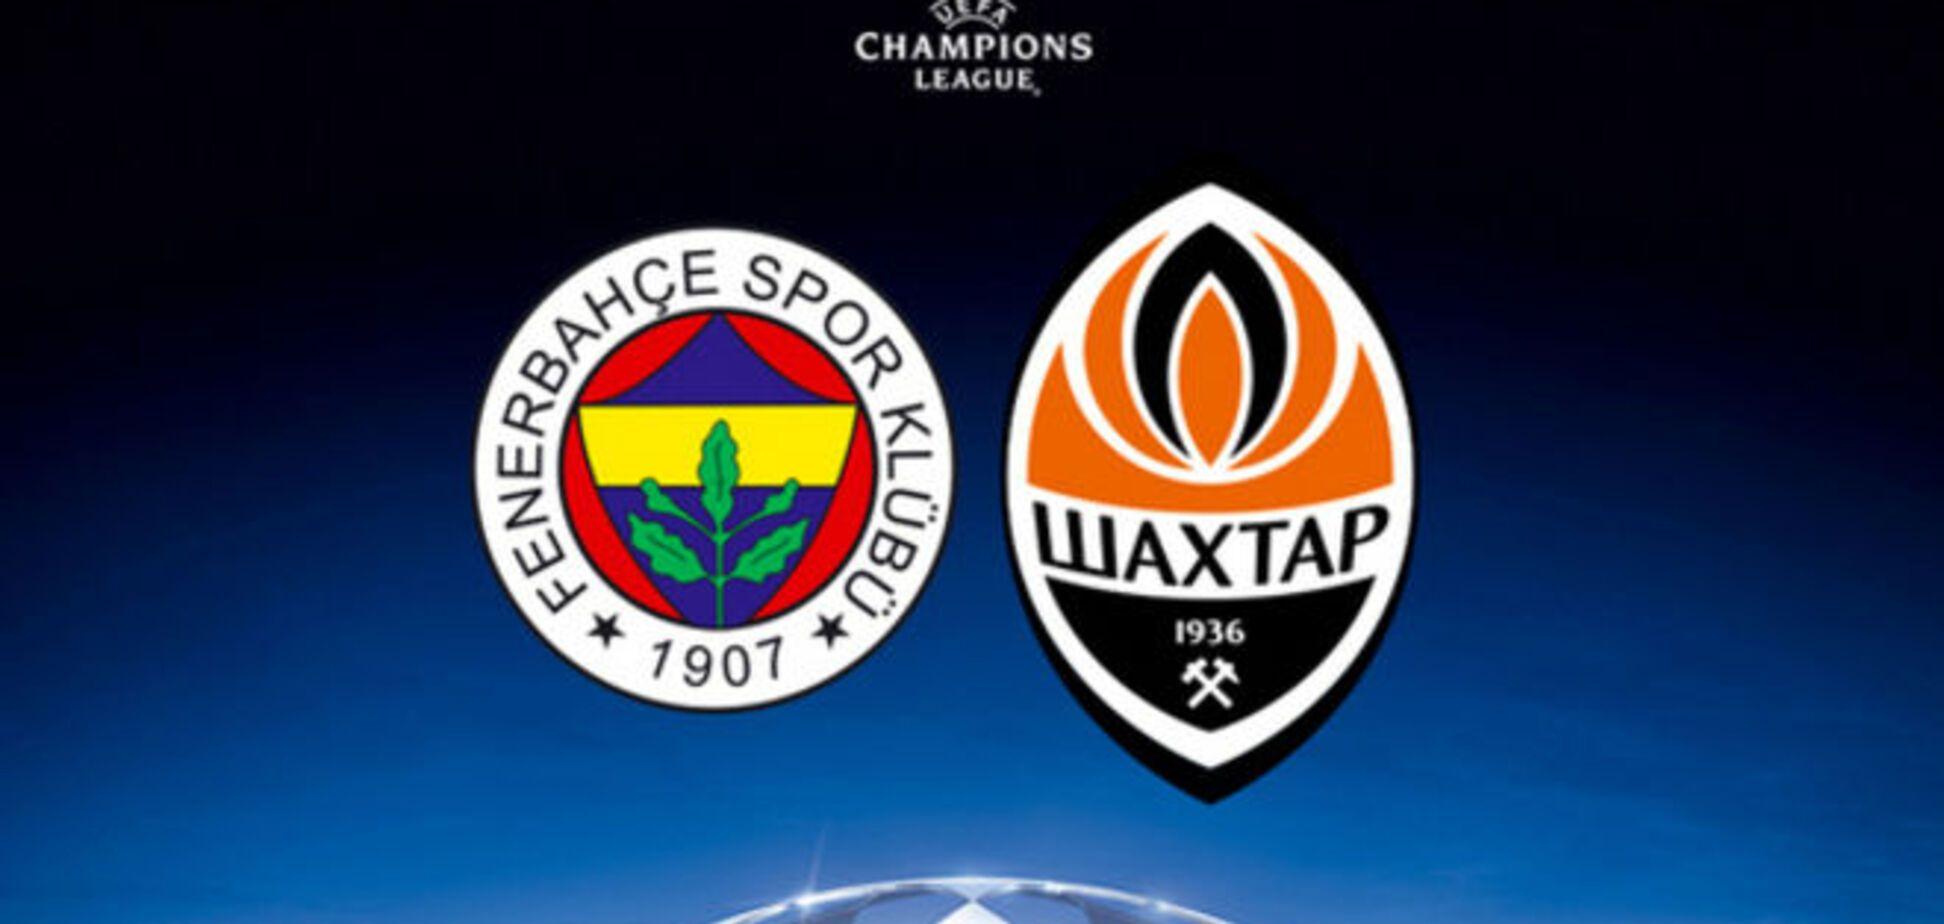 Букмекери вважають 'Шахтар' аутсайдером турецької битви в Лізі чемпіонів